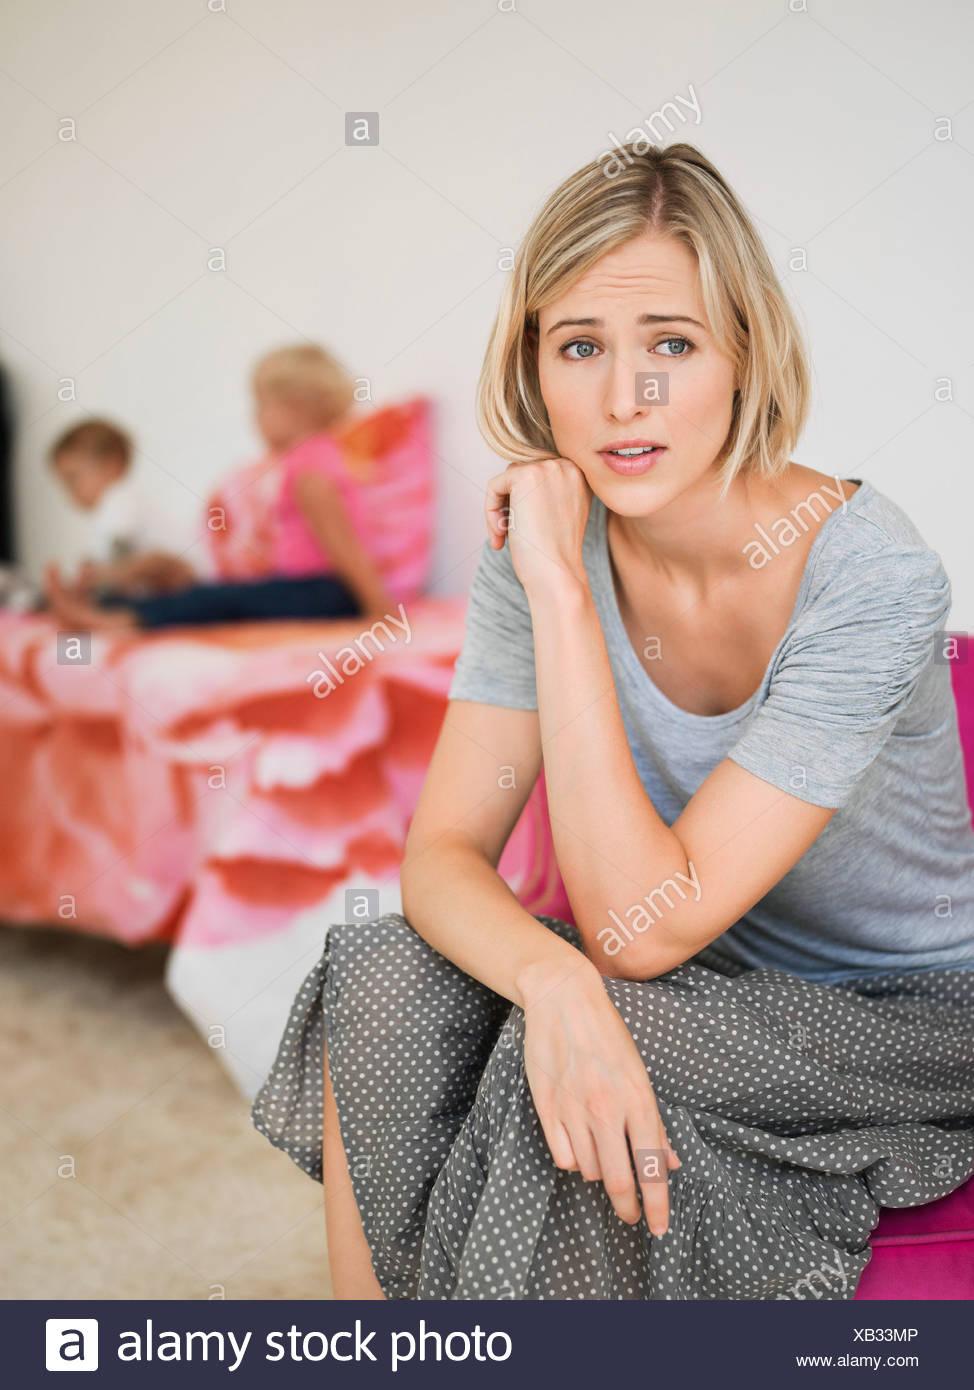 Femme à la peur avec ses enfants dans l'arrière-plan Photo Stock